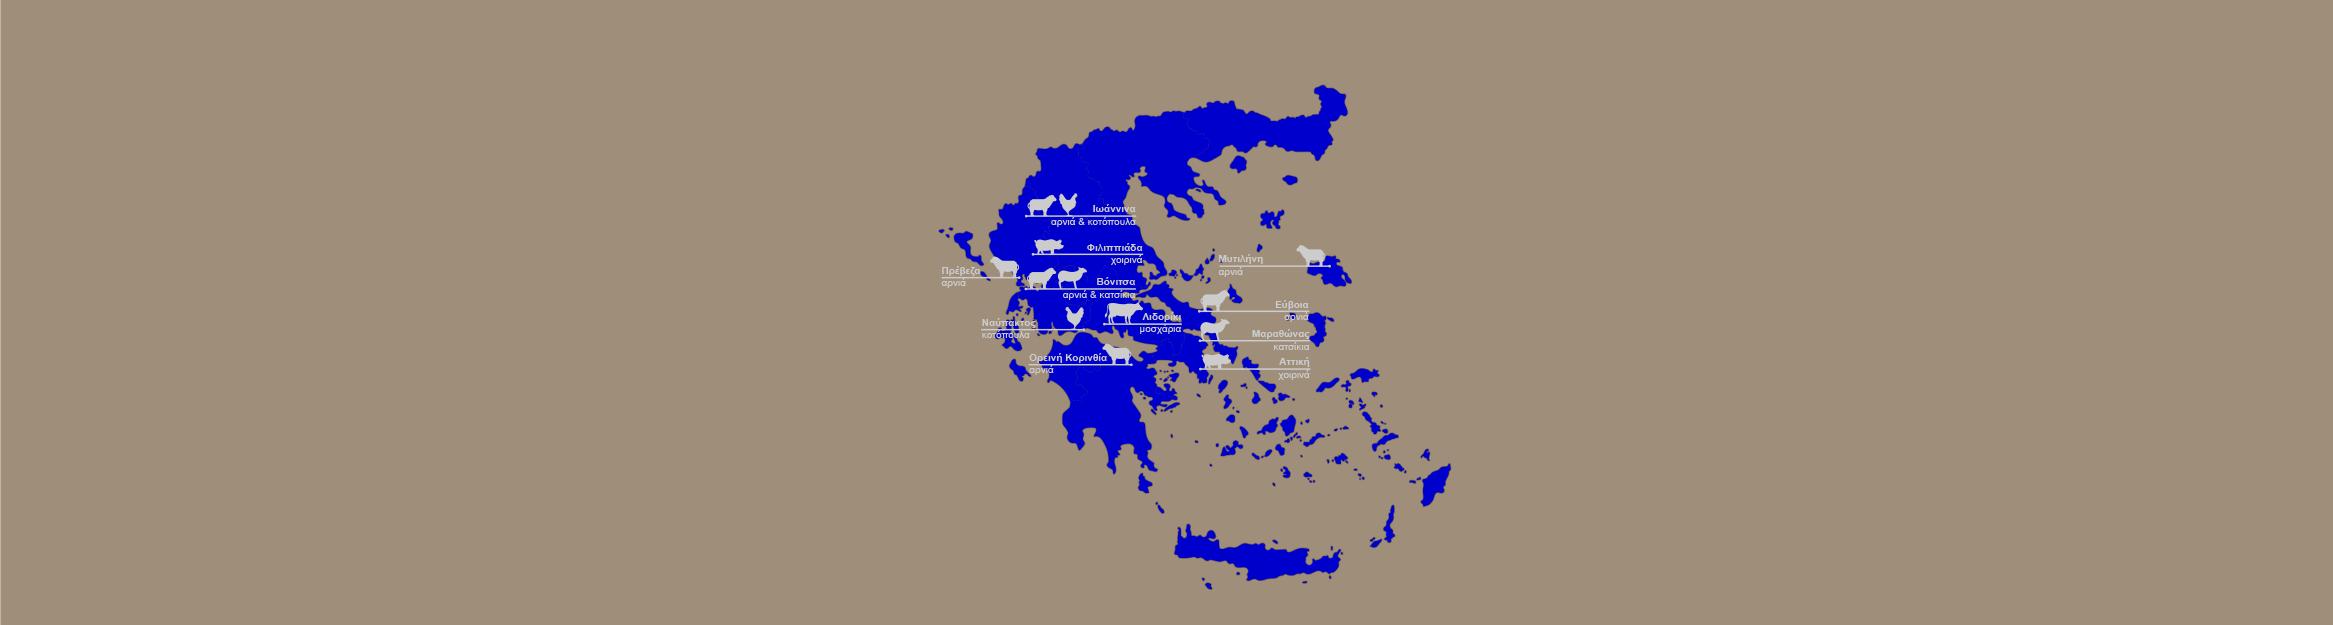 Κρεοπωλεία Ρούσσης Ελληνικά Κρέατα